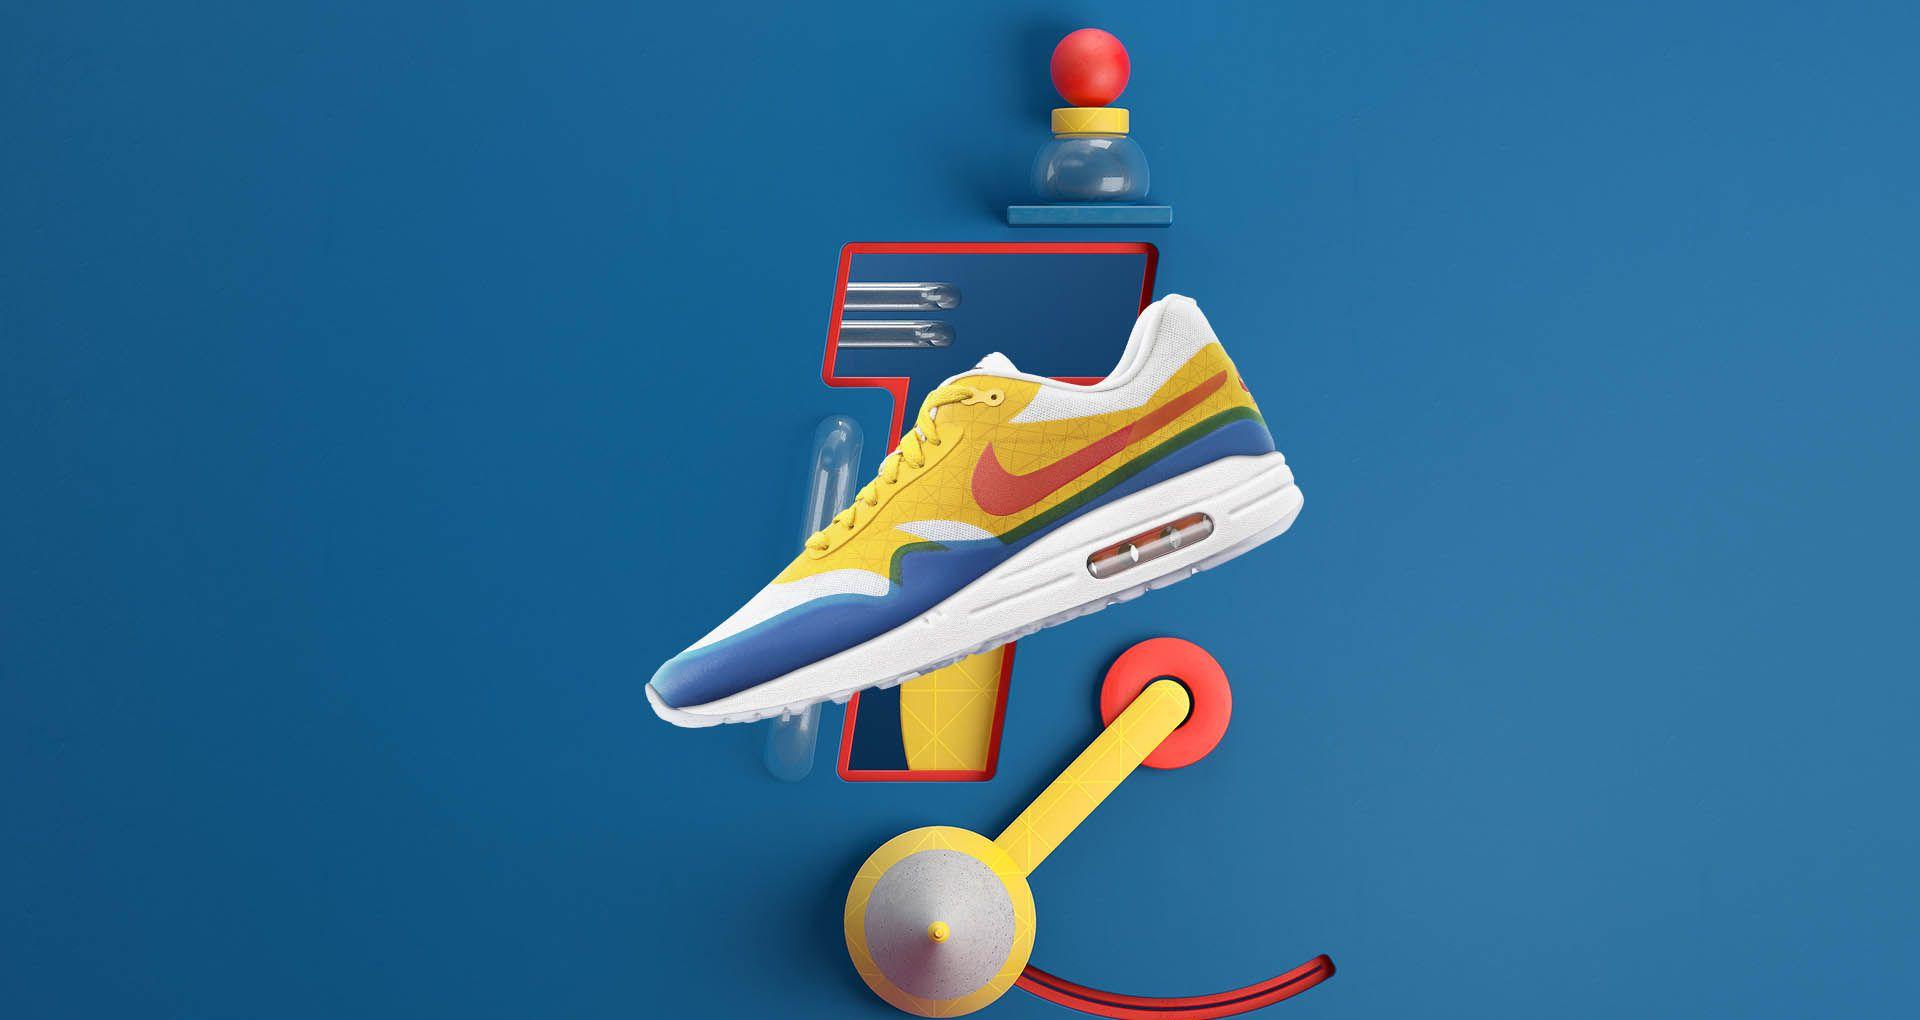 Nike Air Max 1 T iD 'Tinker Hatfield'. NikePlus SNKRS